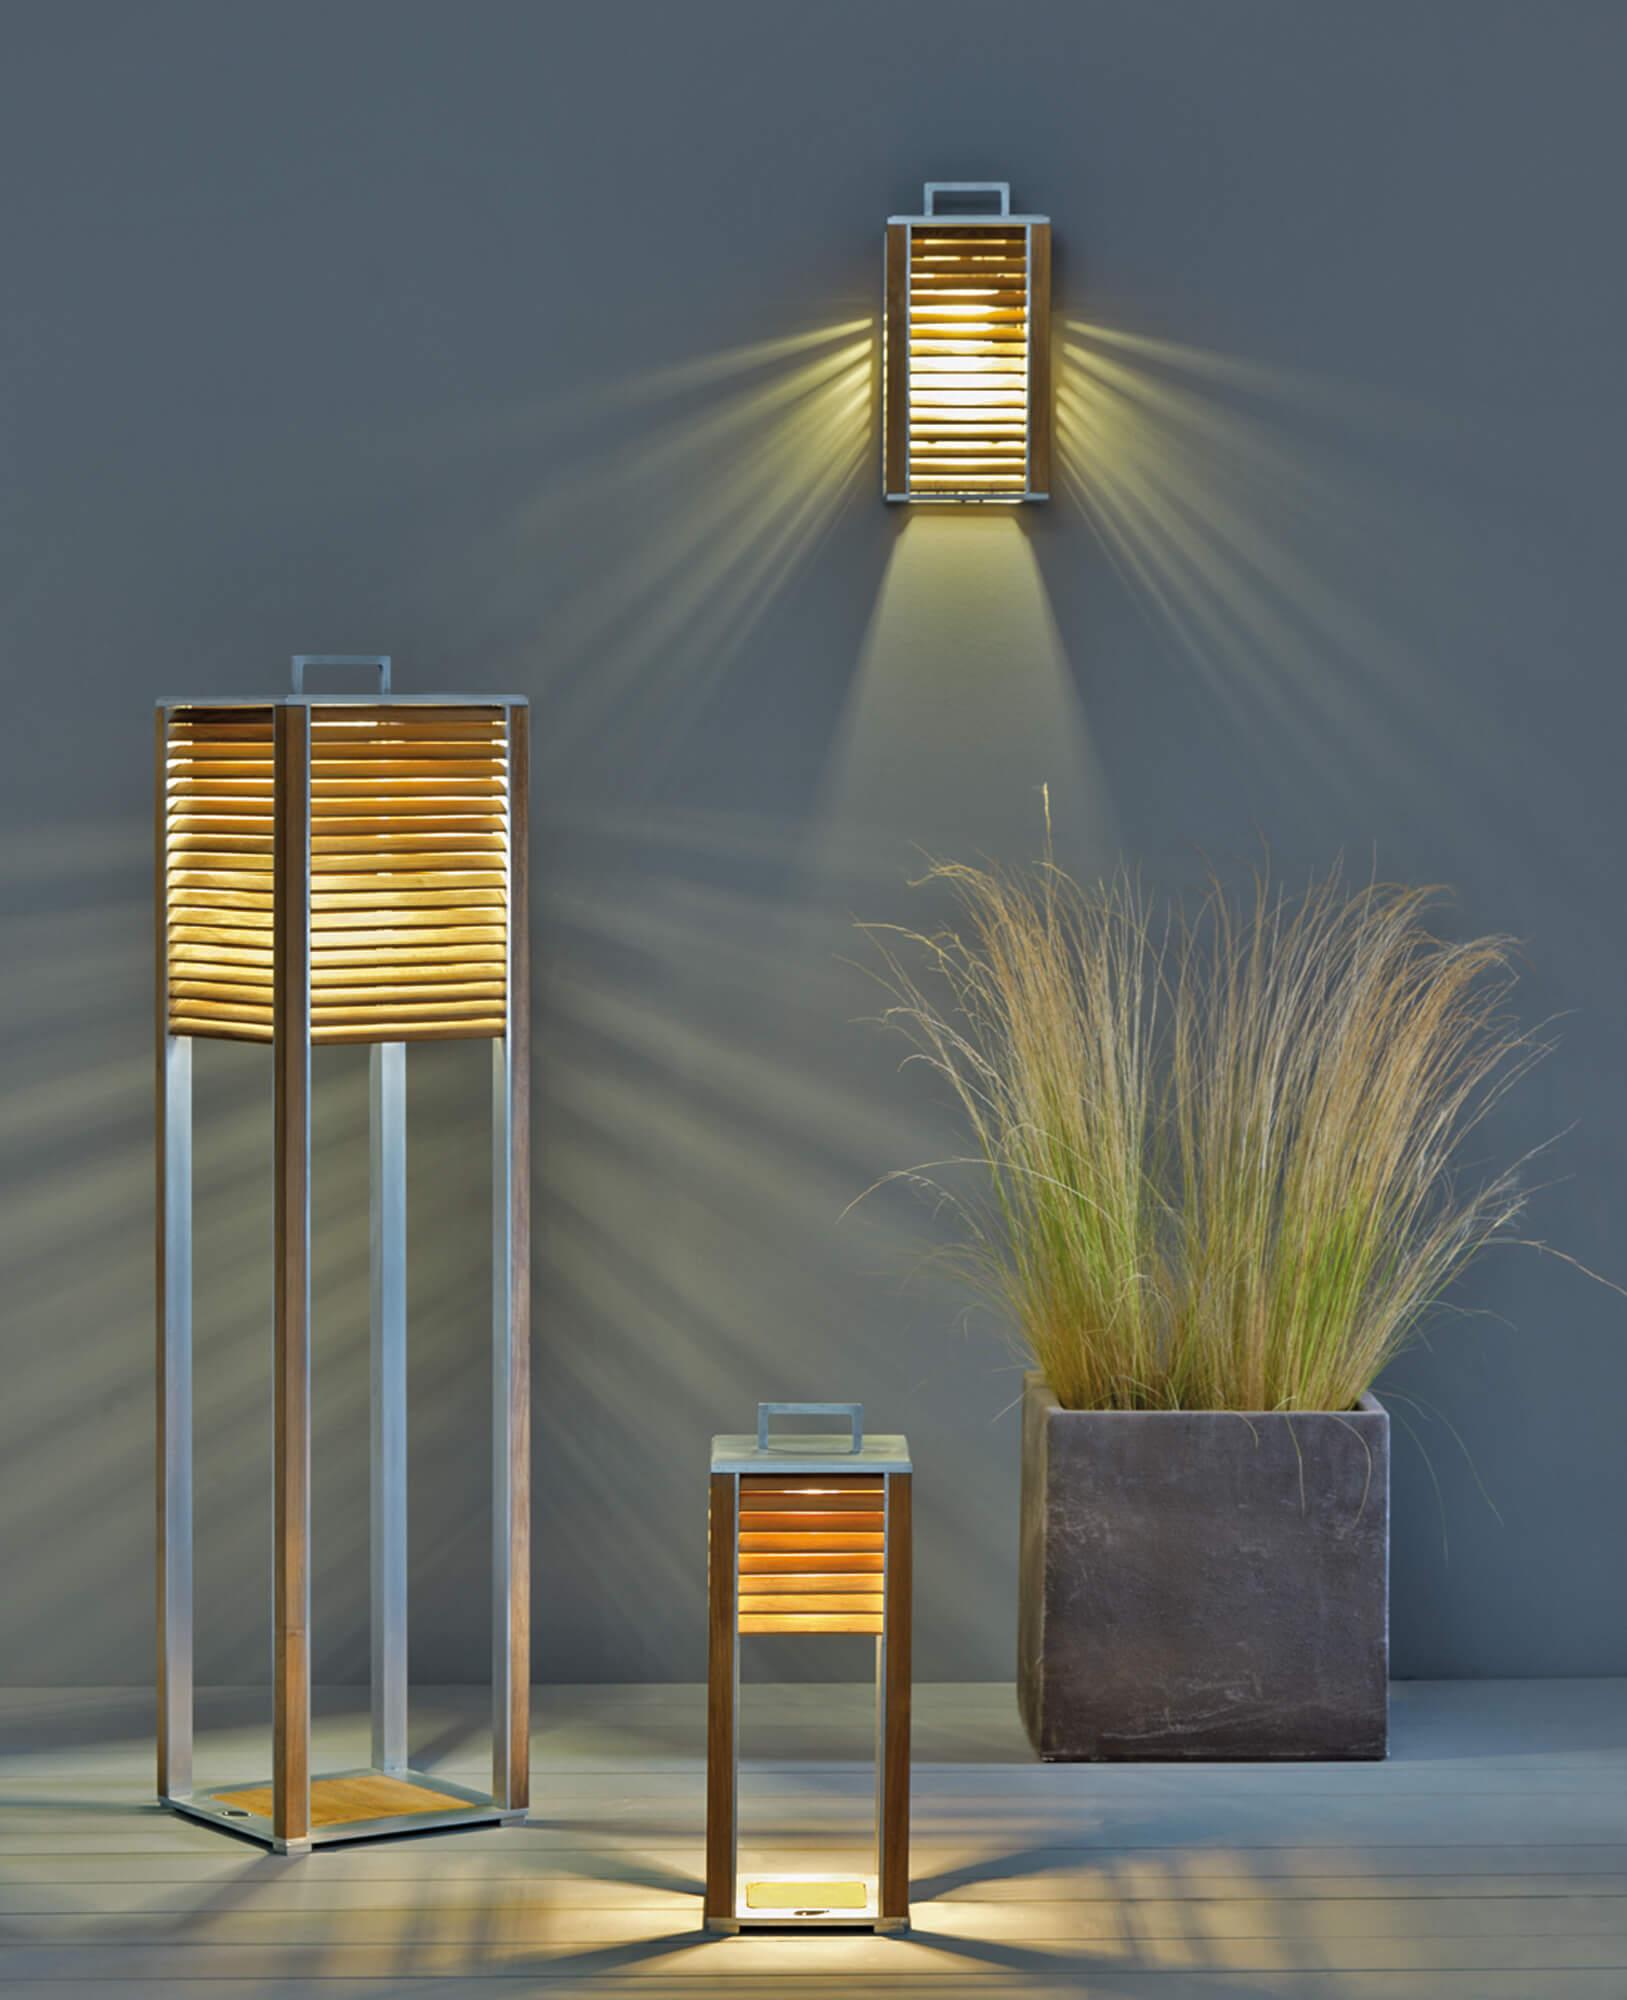 ethimo ginger ernst baas tuininrichting. Black Bedroom Furniture Sets. Home Design Ideas